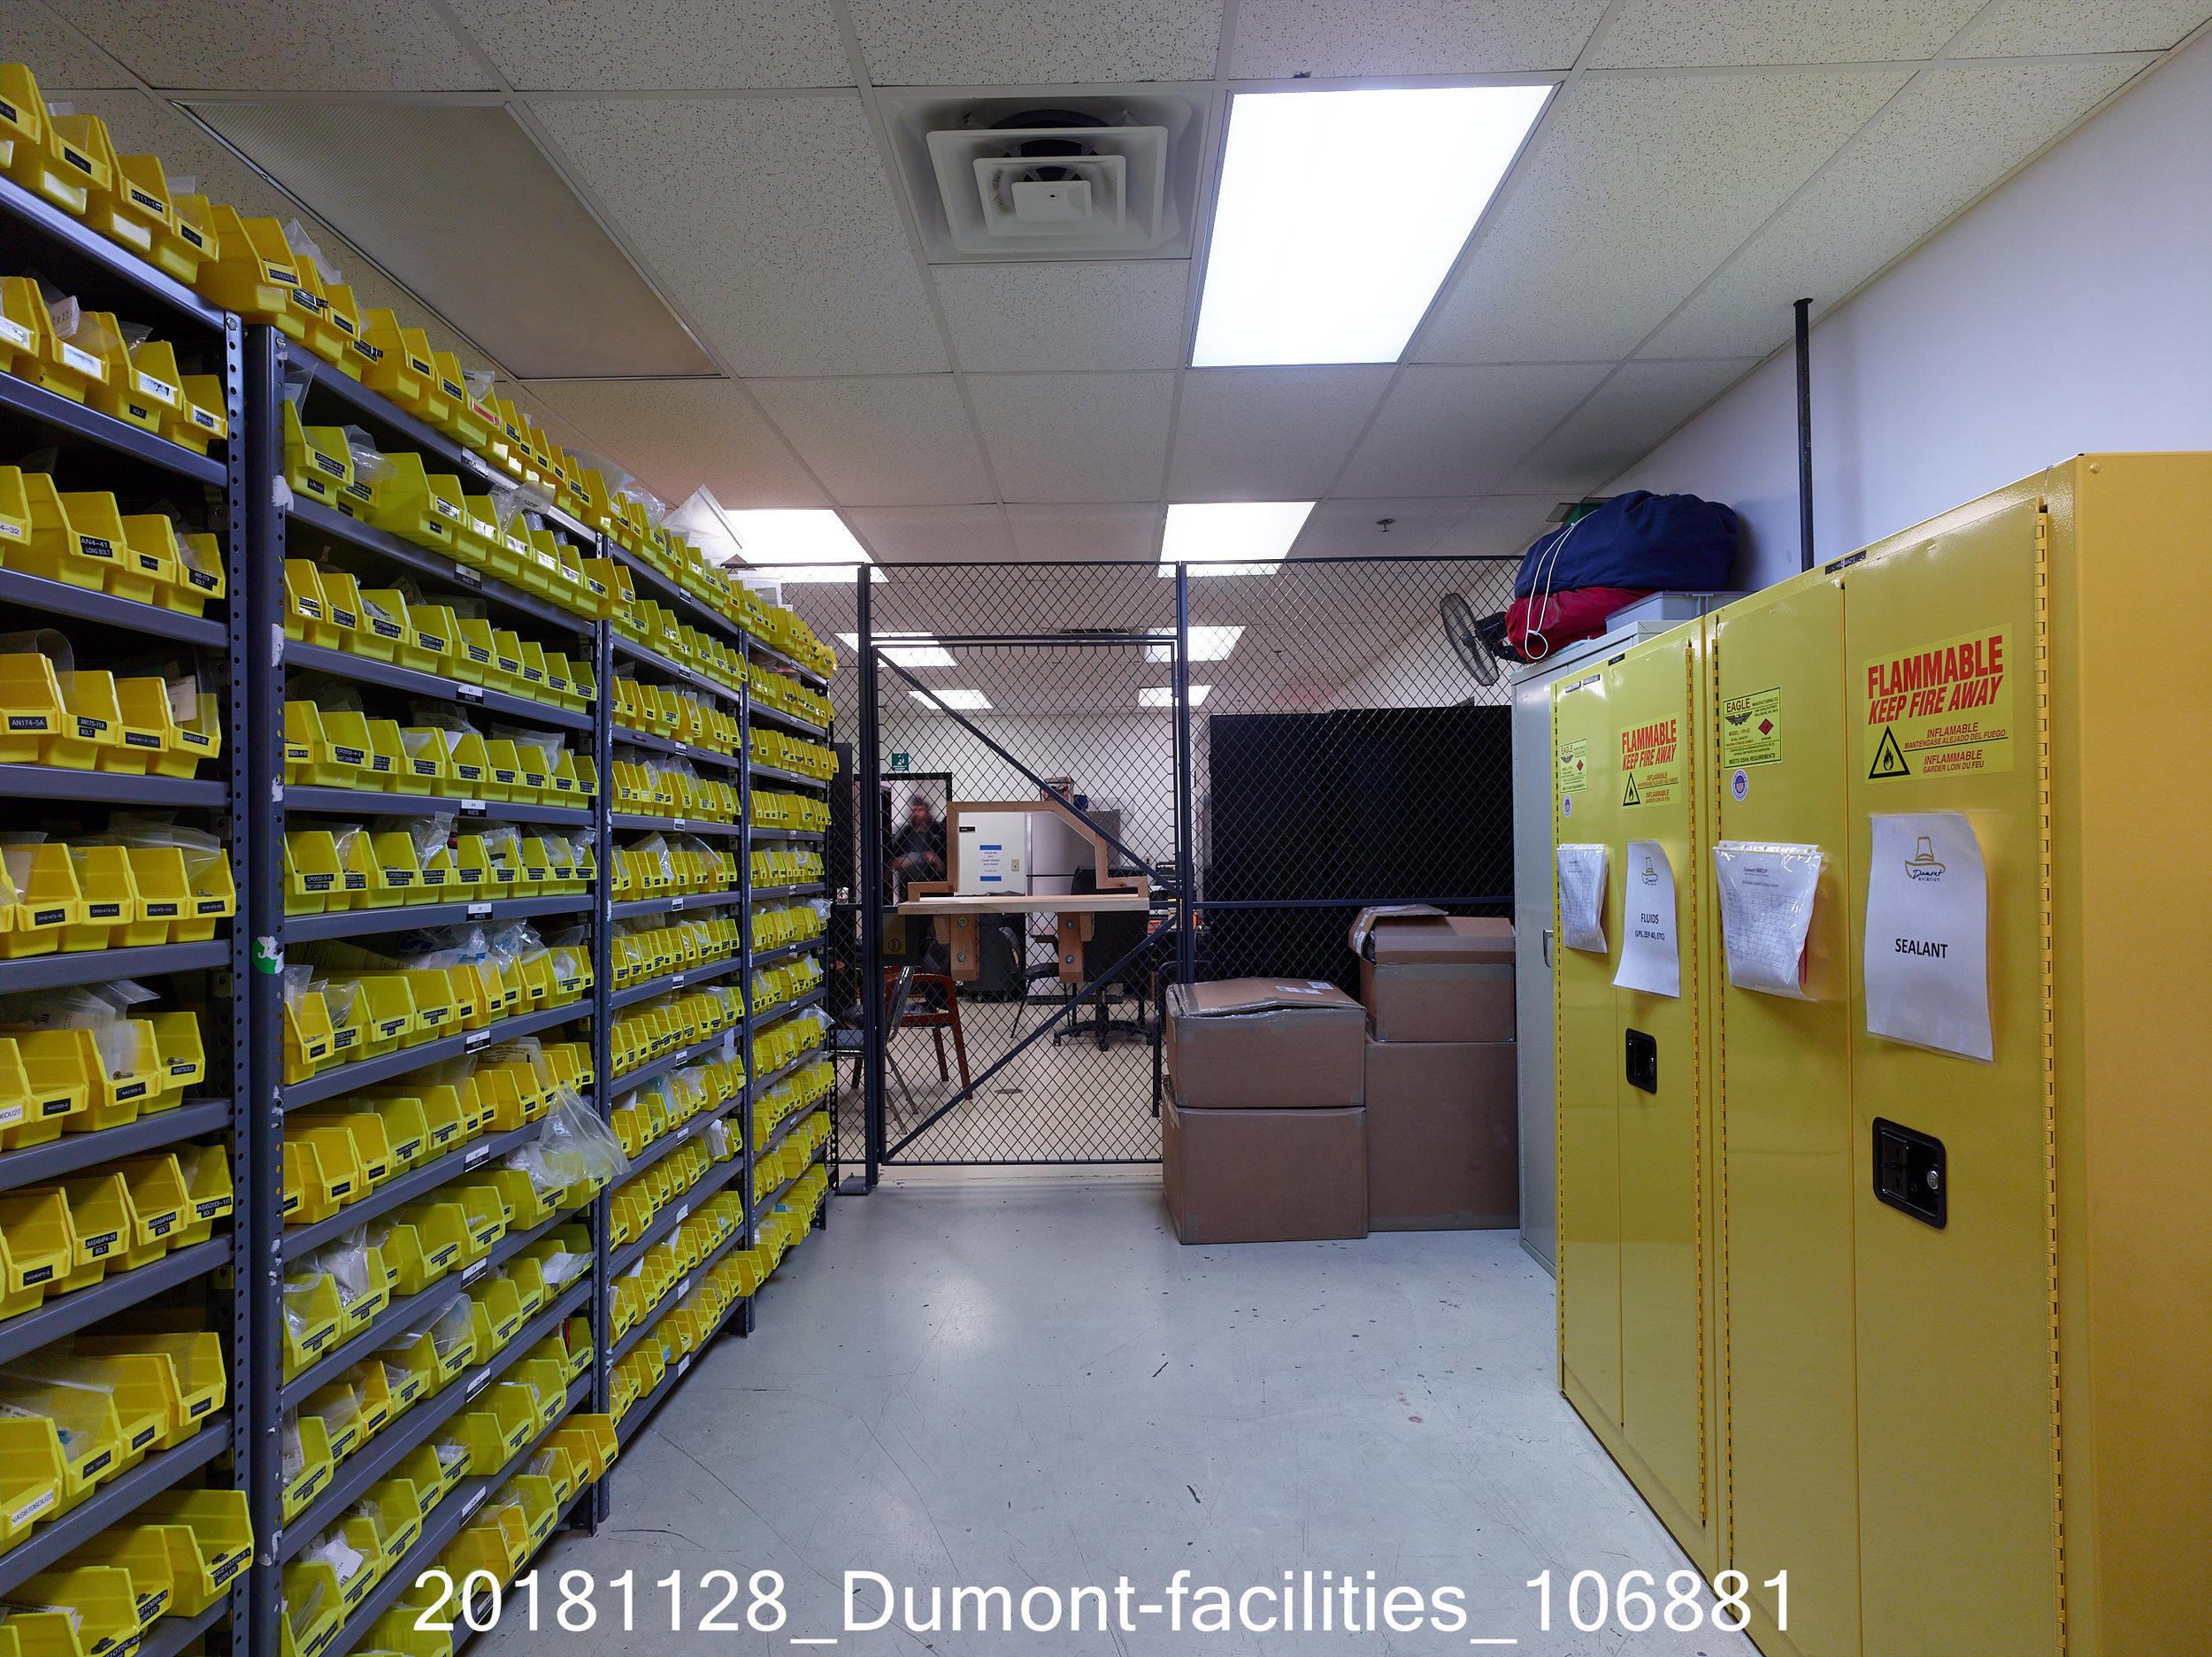 20181128_Dumont-facilities_106881.jpg